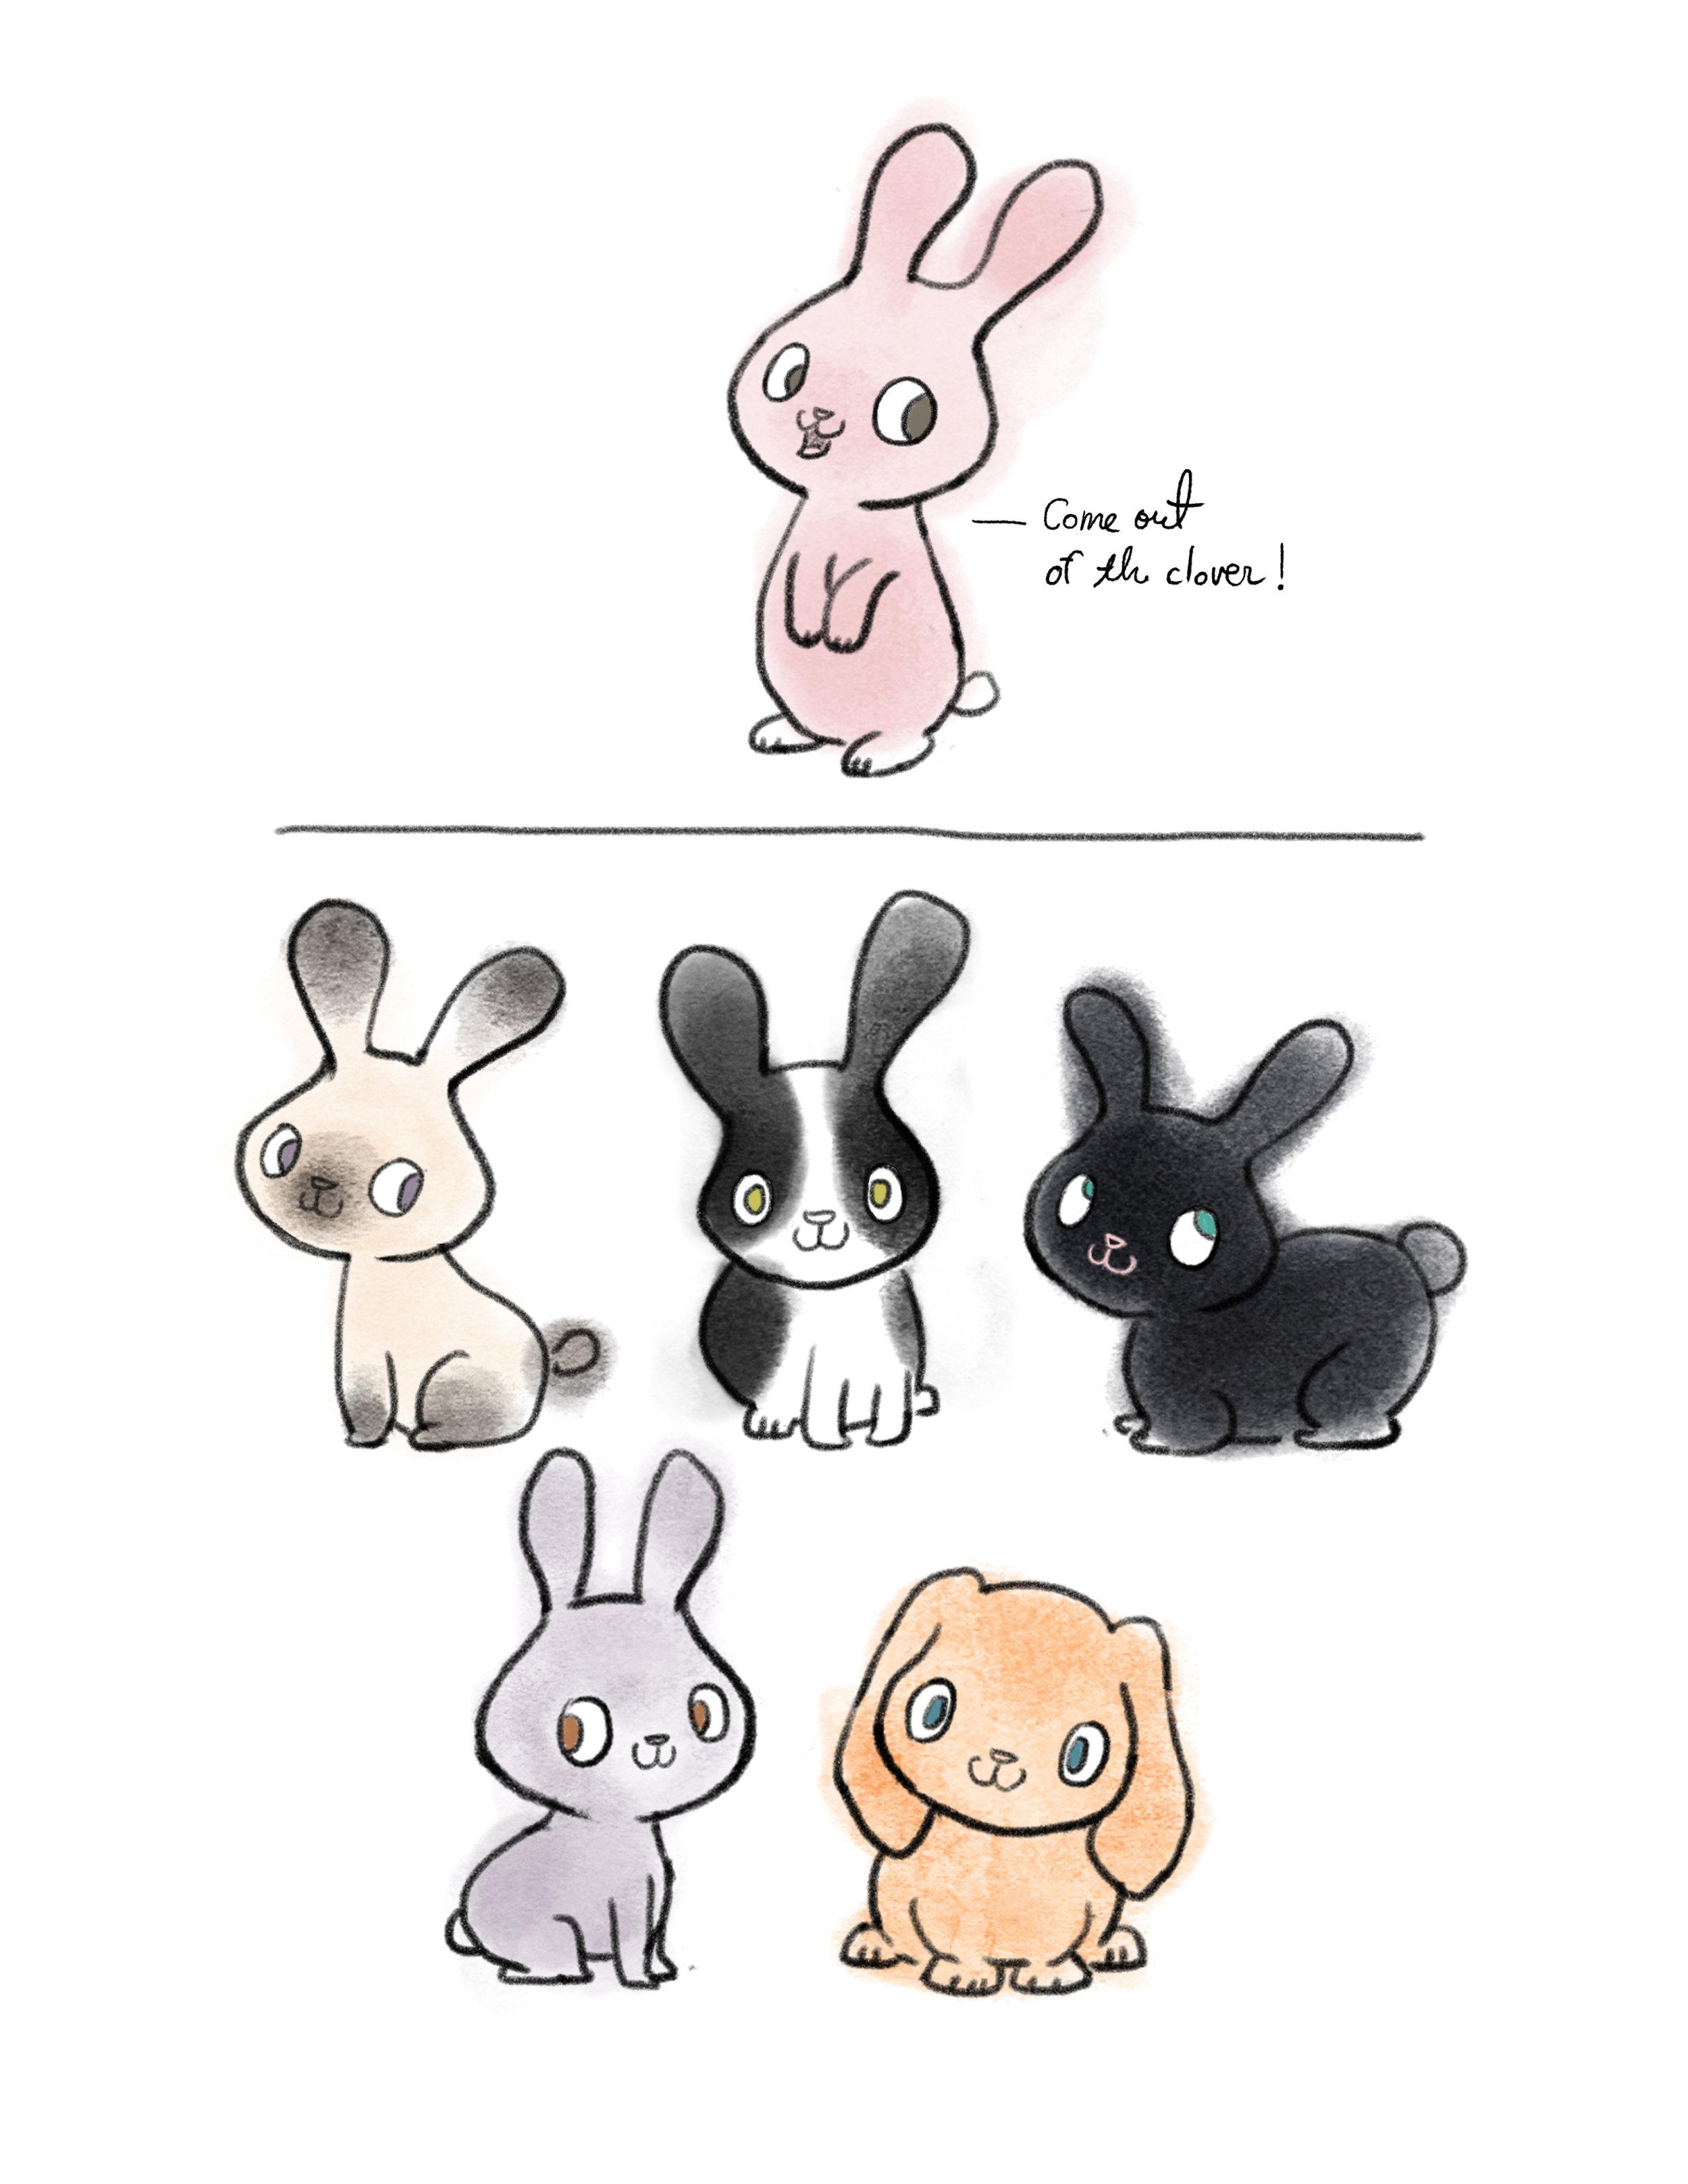 bunnyCharacter.jpg